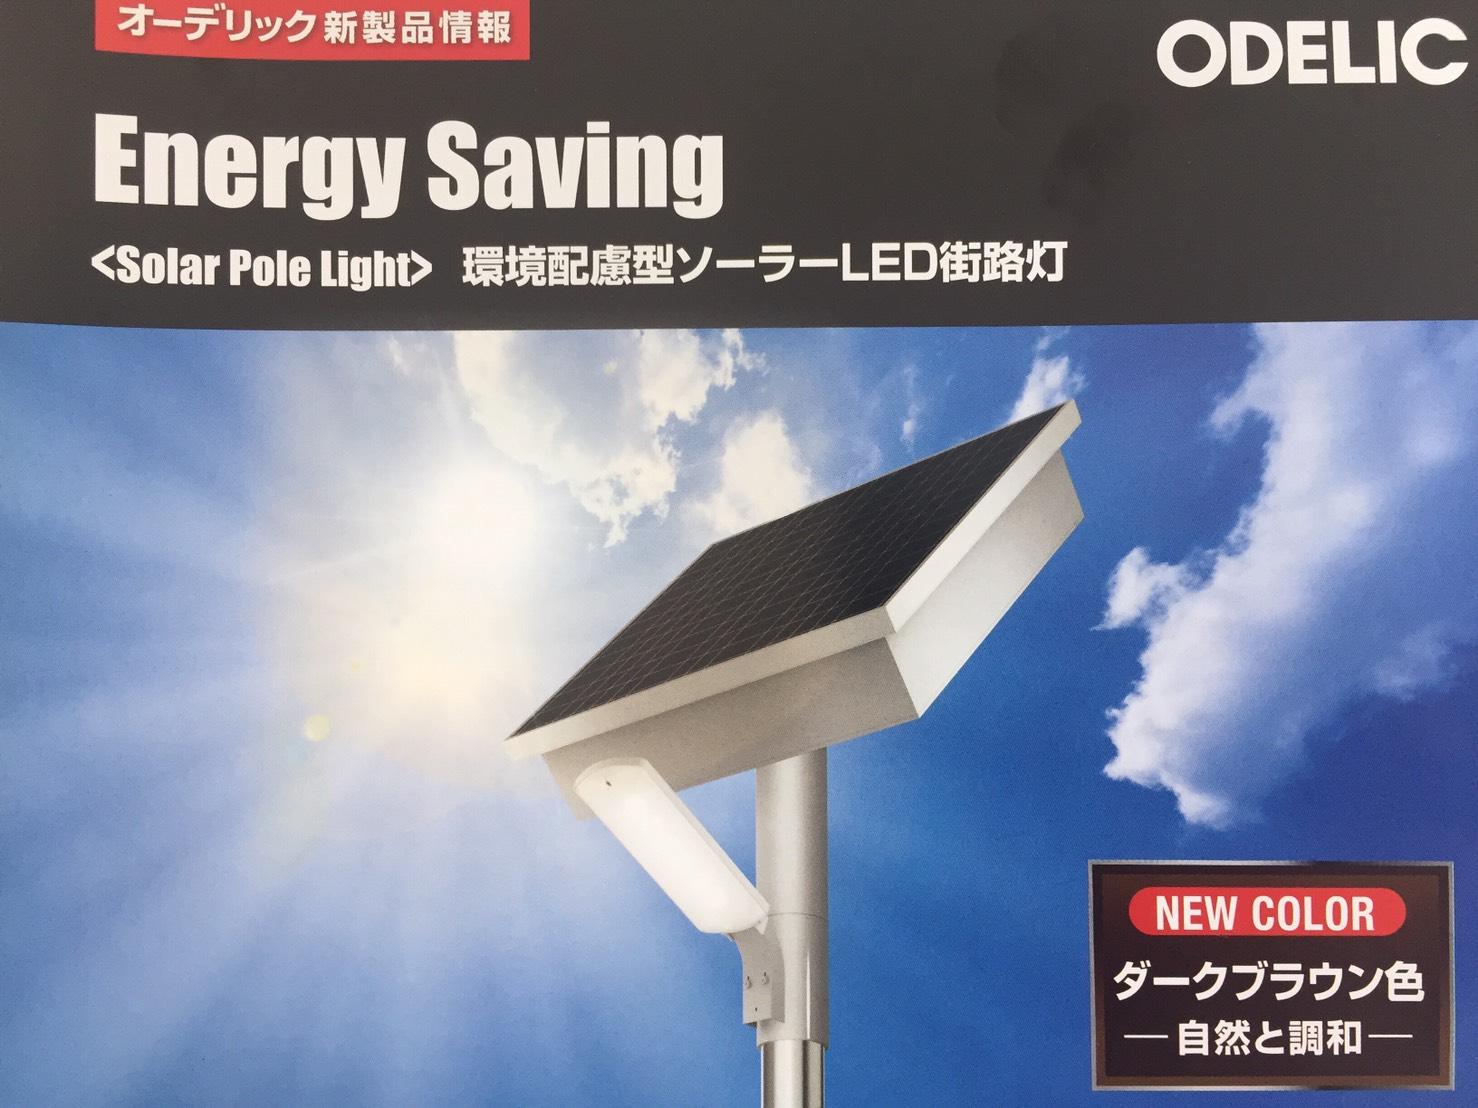 <Solar Pole Light>環境配慮型ソーラーLED街路灯を設置いたしました。